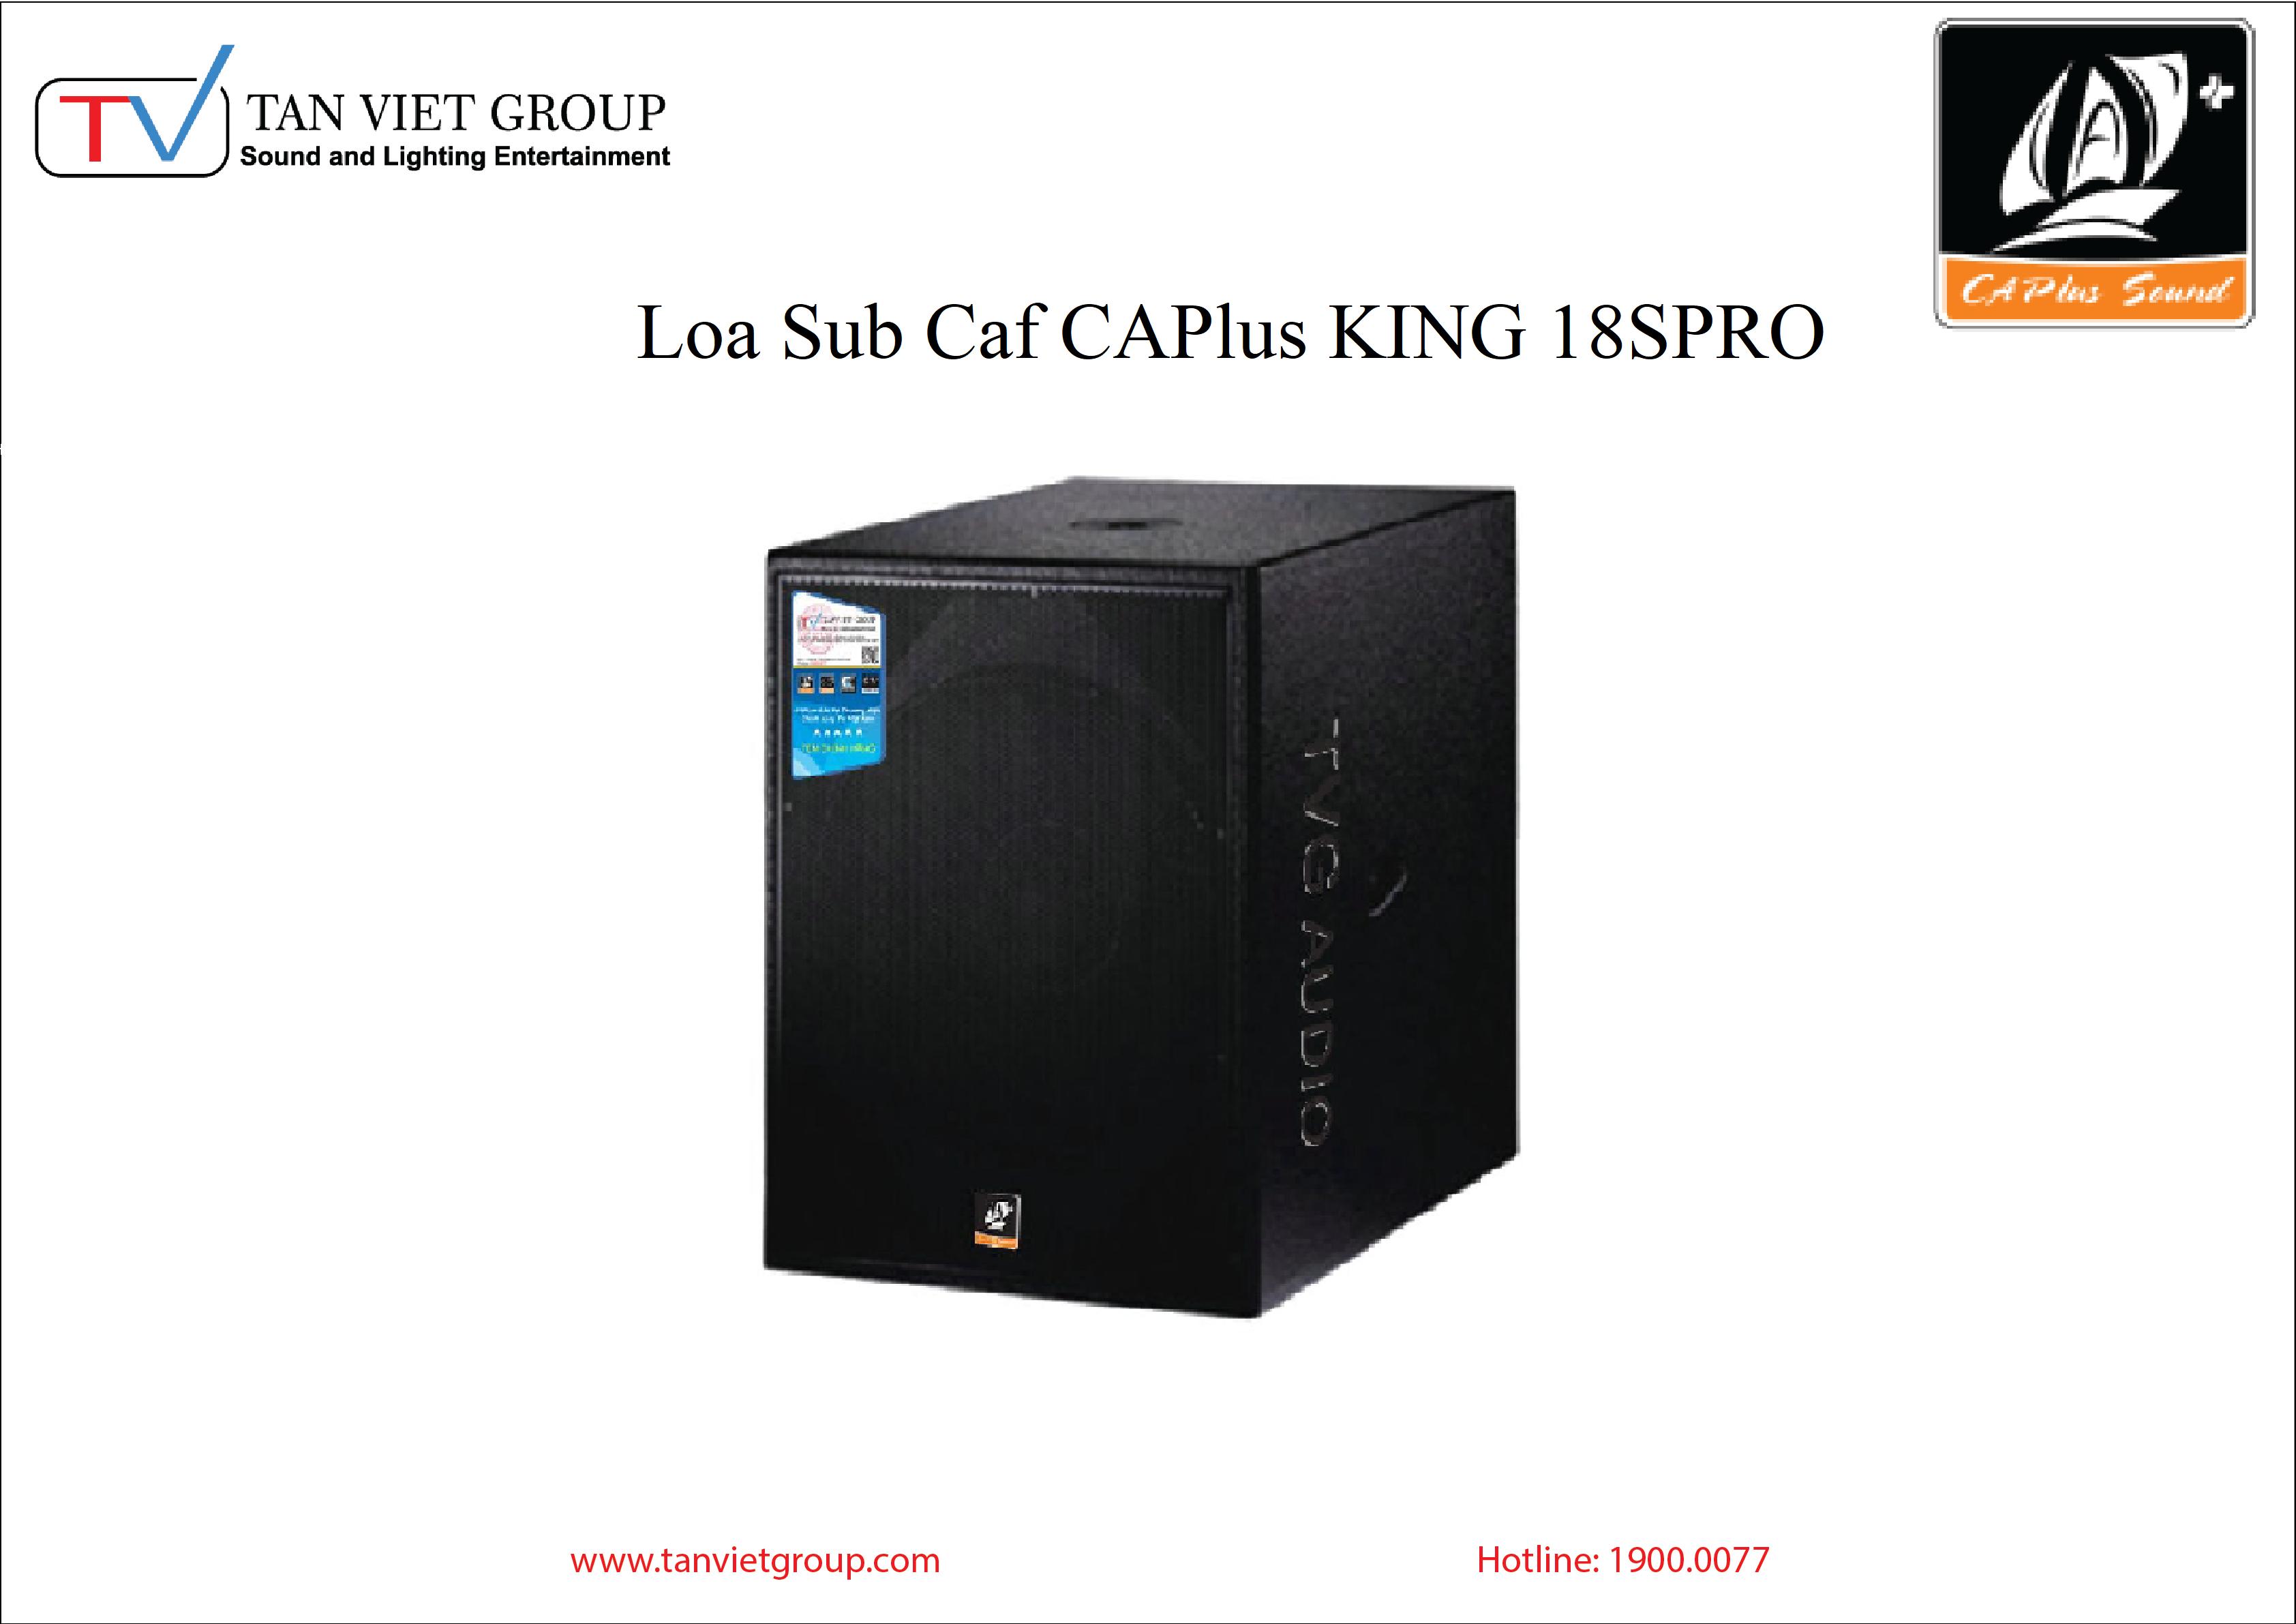 Loa Sub Caf CAPlus KING 18SPRO